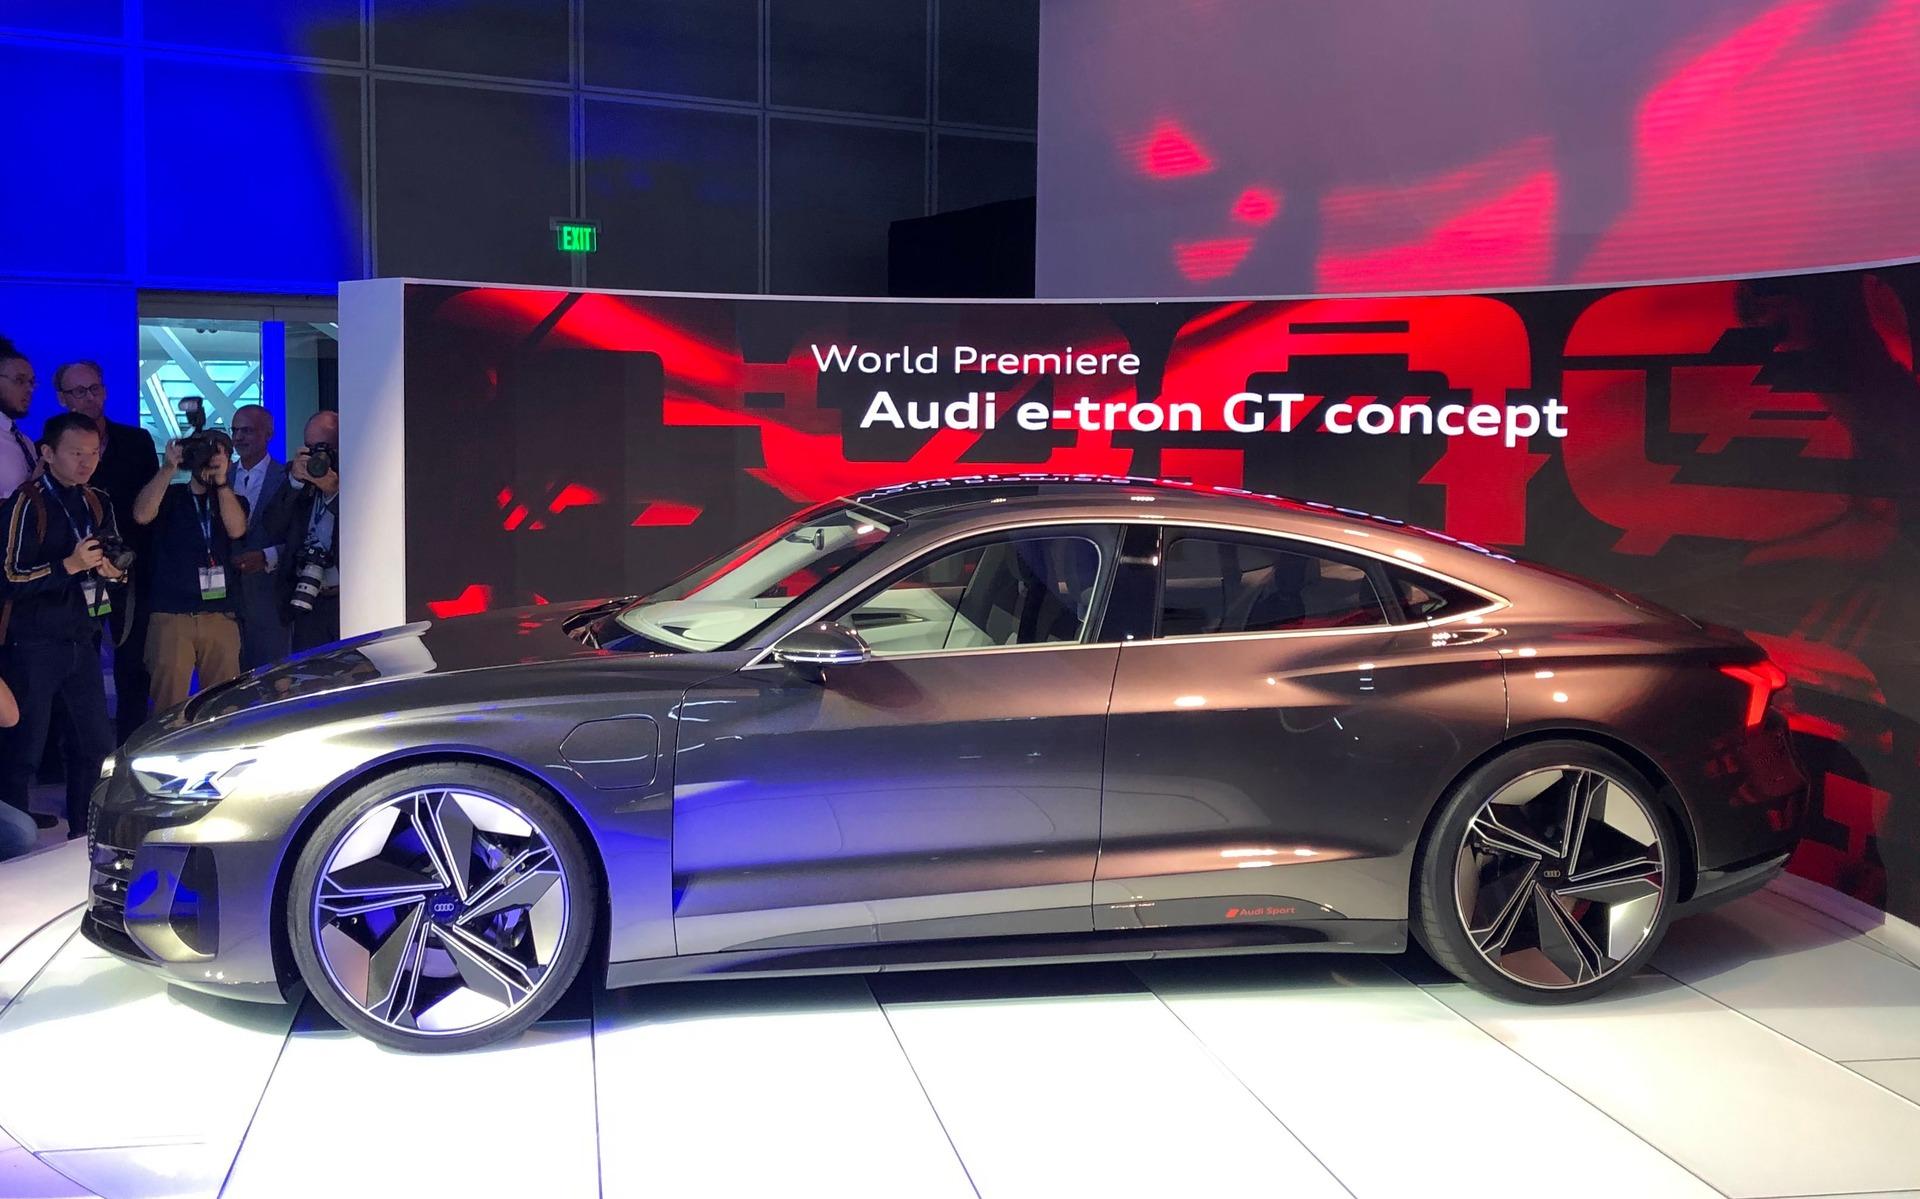 Audi dévoile la e-tron GT, une bombe électrique de 590 chevaux 358815_Audi_e-Tron